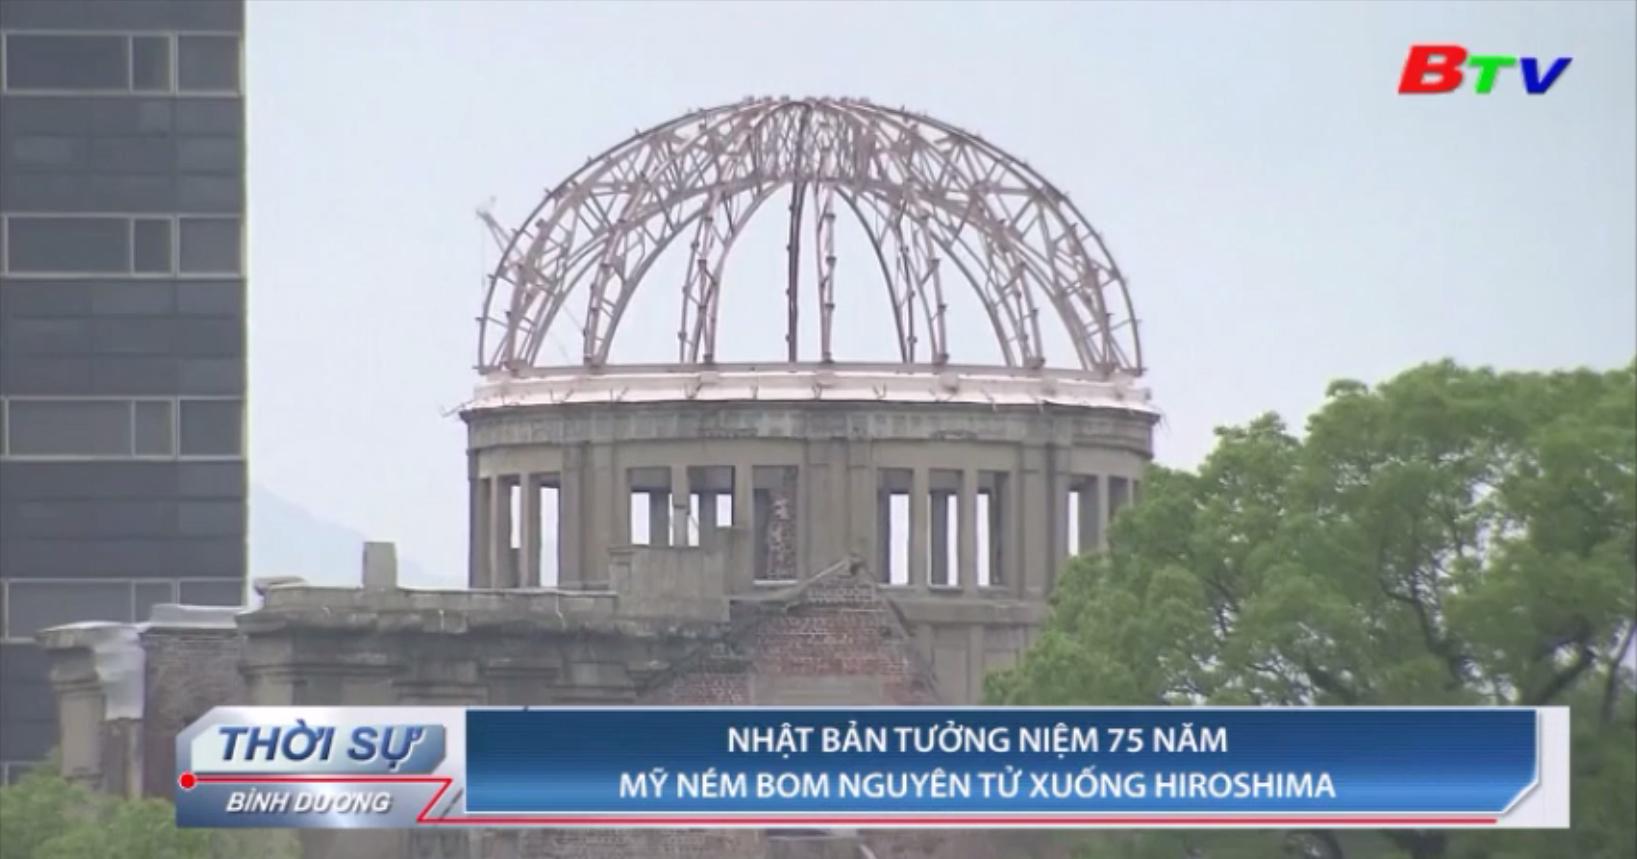 Nhật Bản tưởng niệm 75 năm Mỹ ném bom nguyên tử xuống Hiroshima